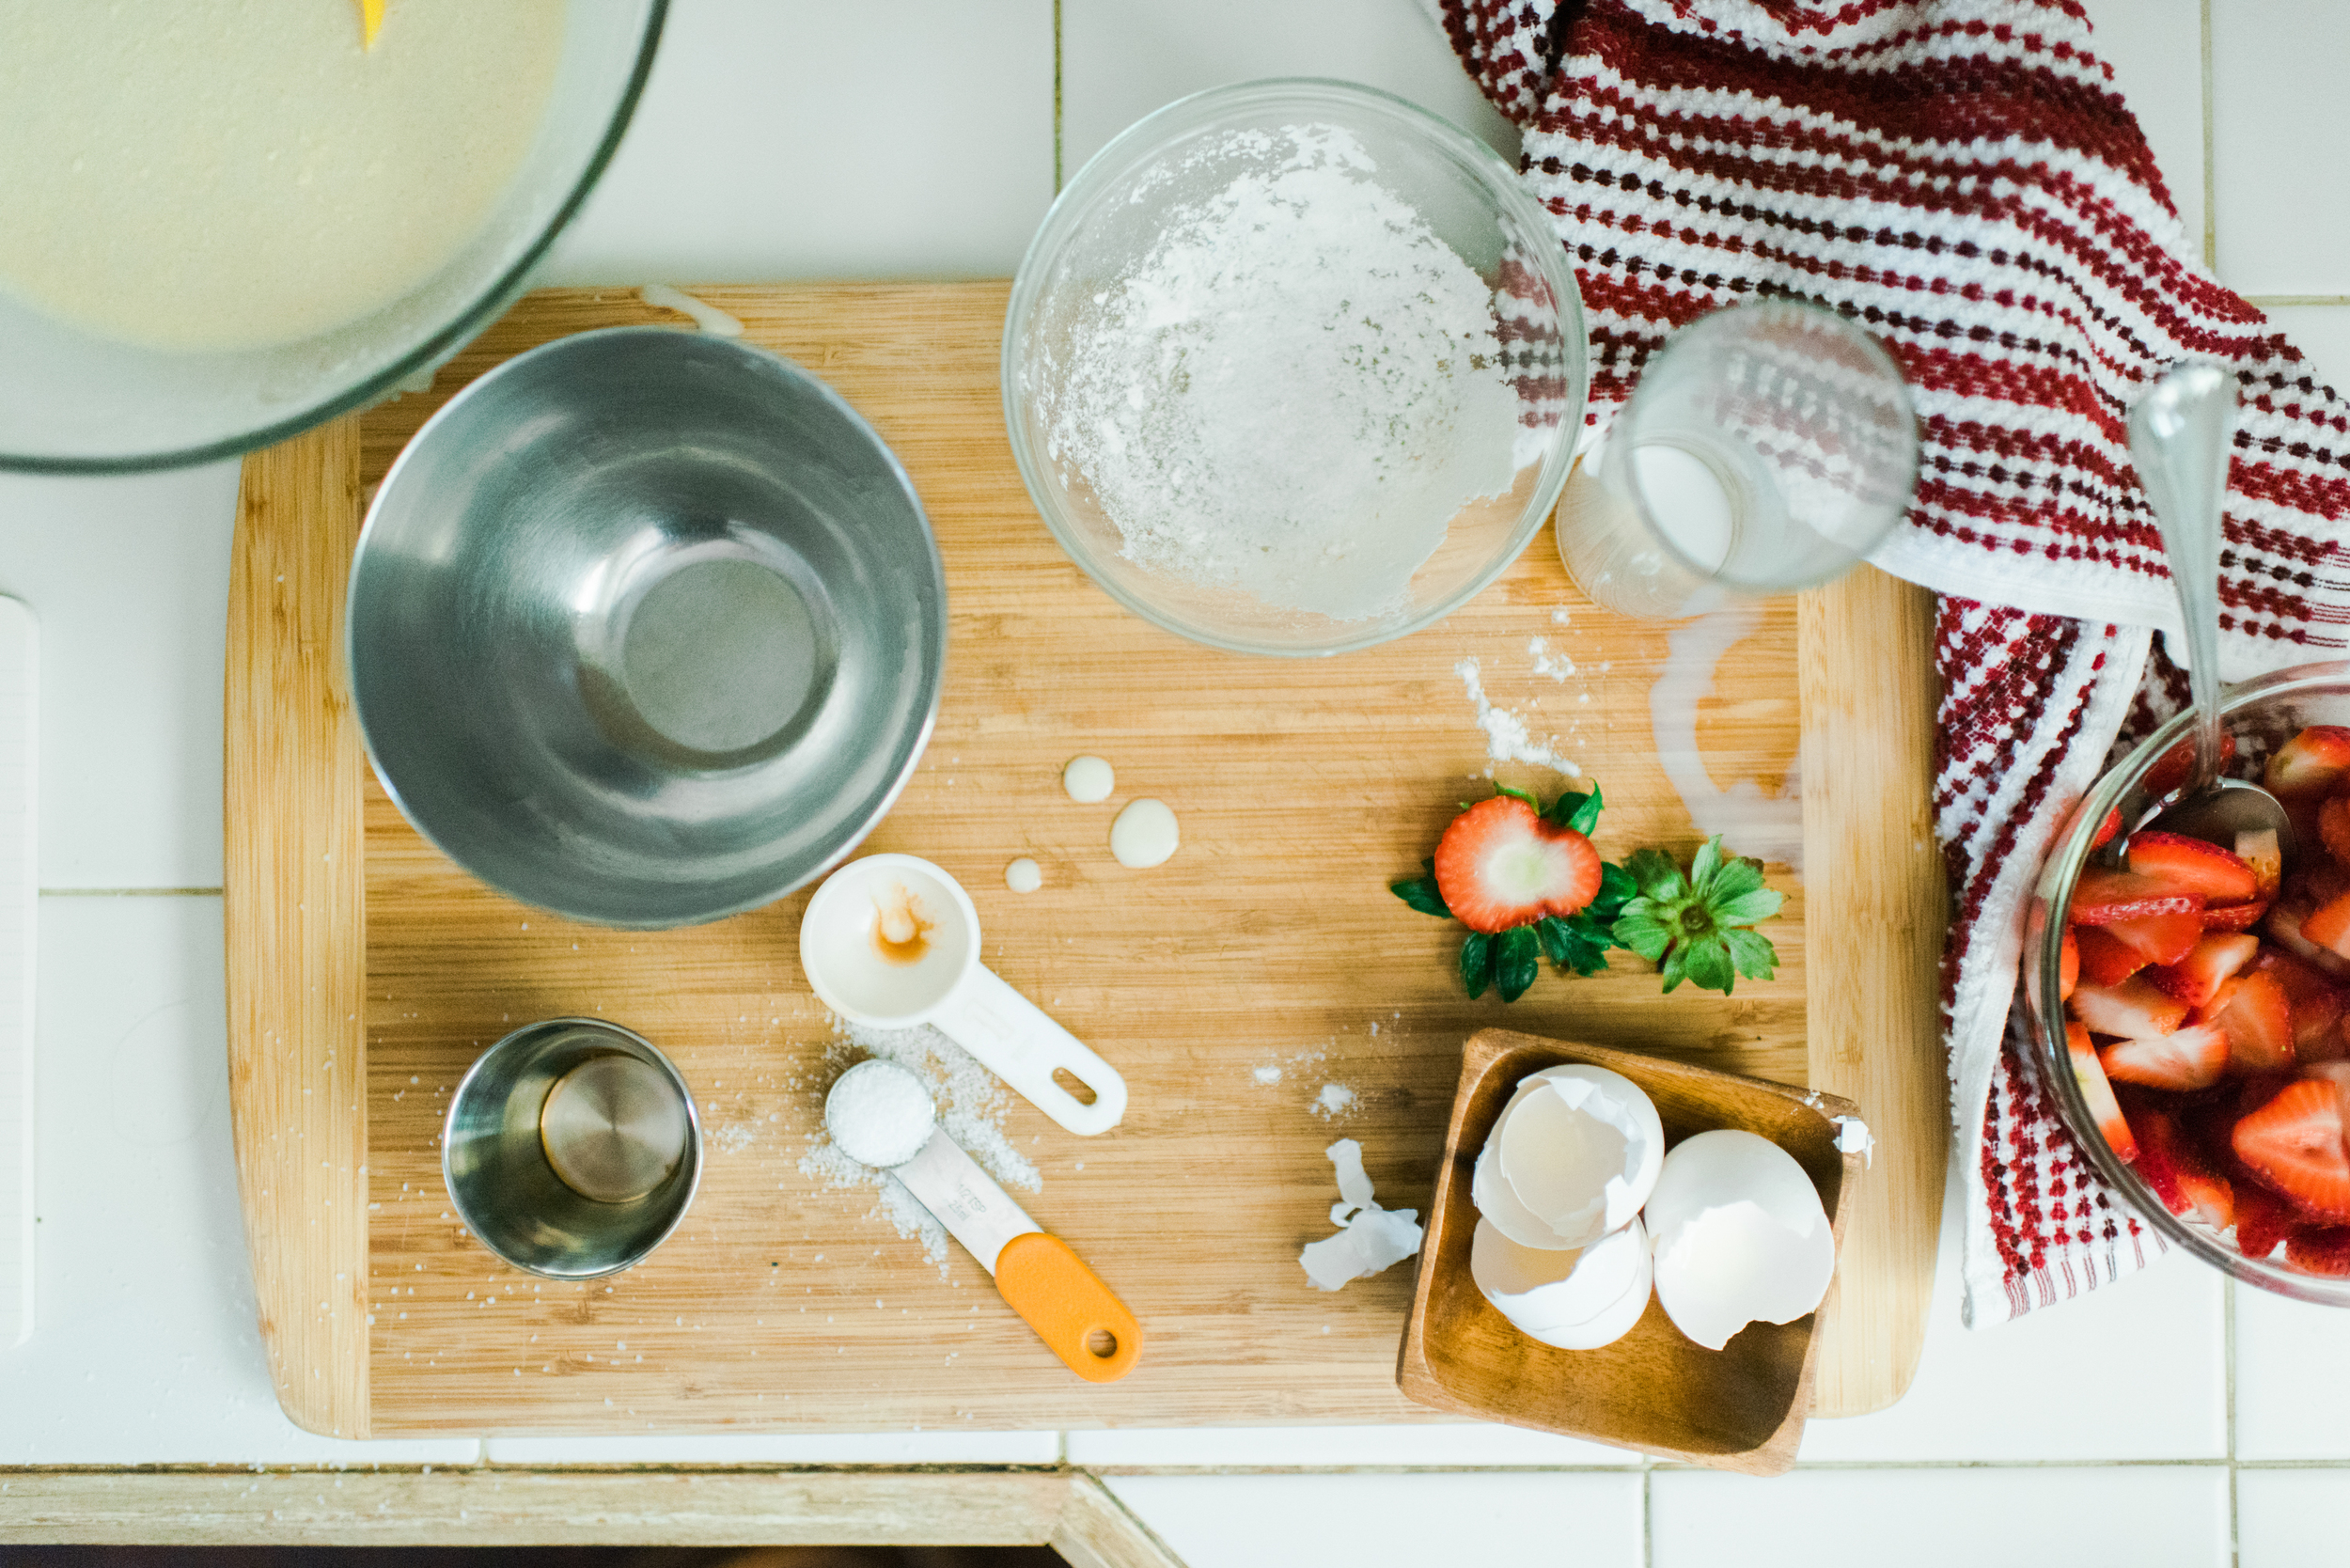 the-best-homemade-crepe-recipe-the-spice-girl-blog (19 of 36).jpg